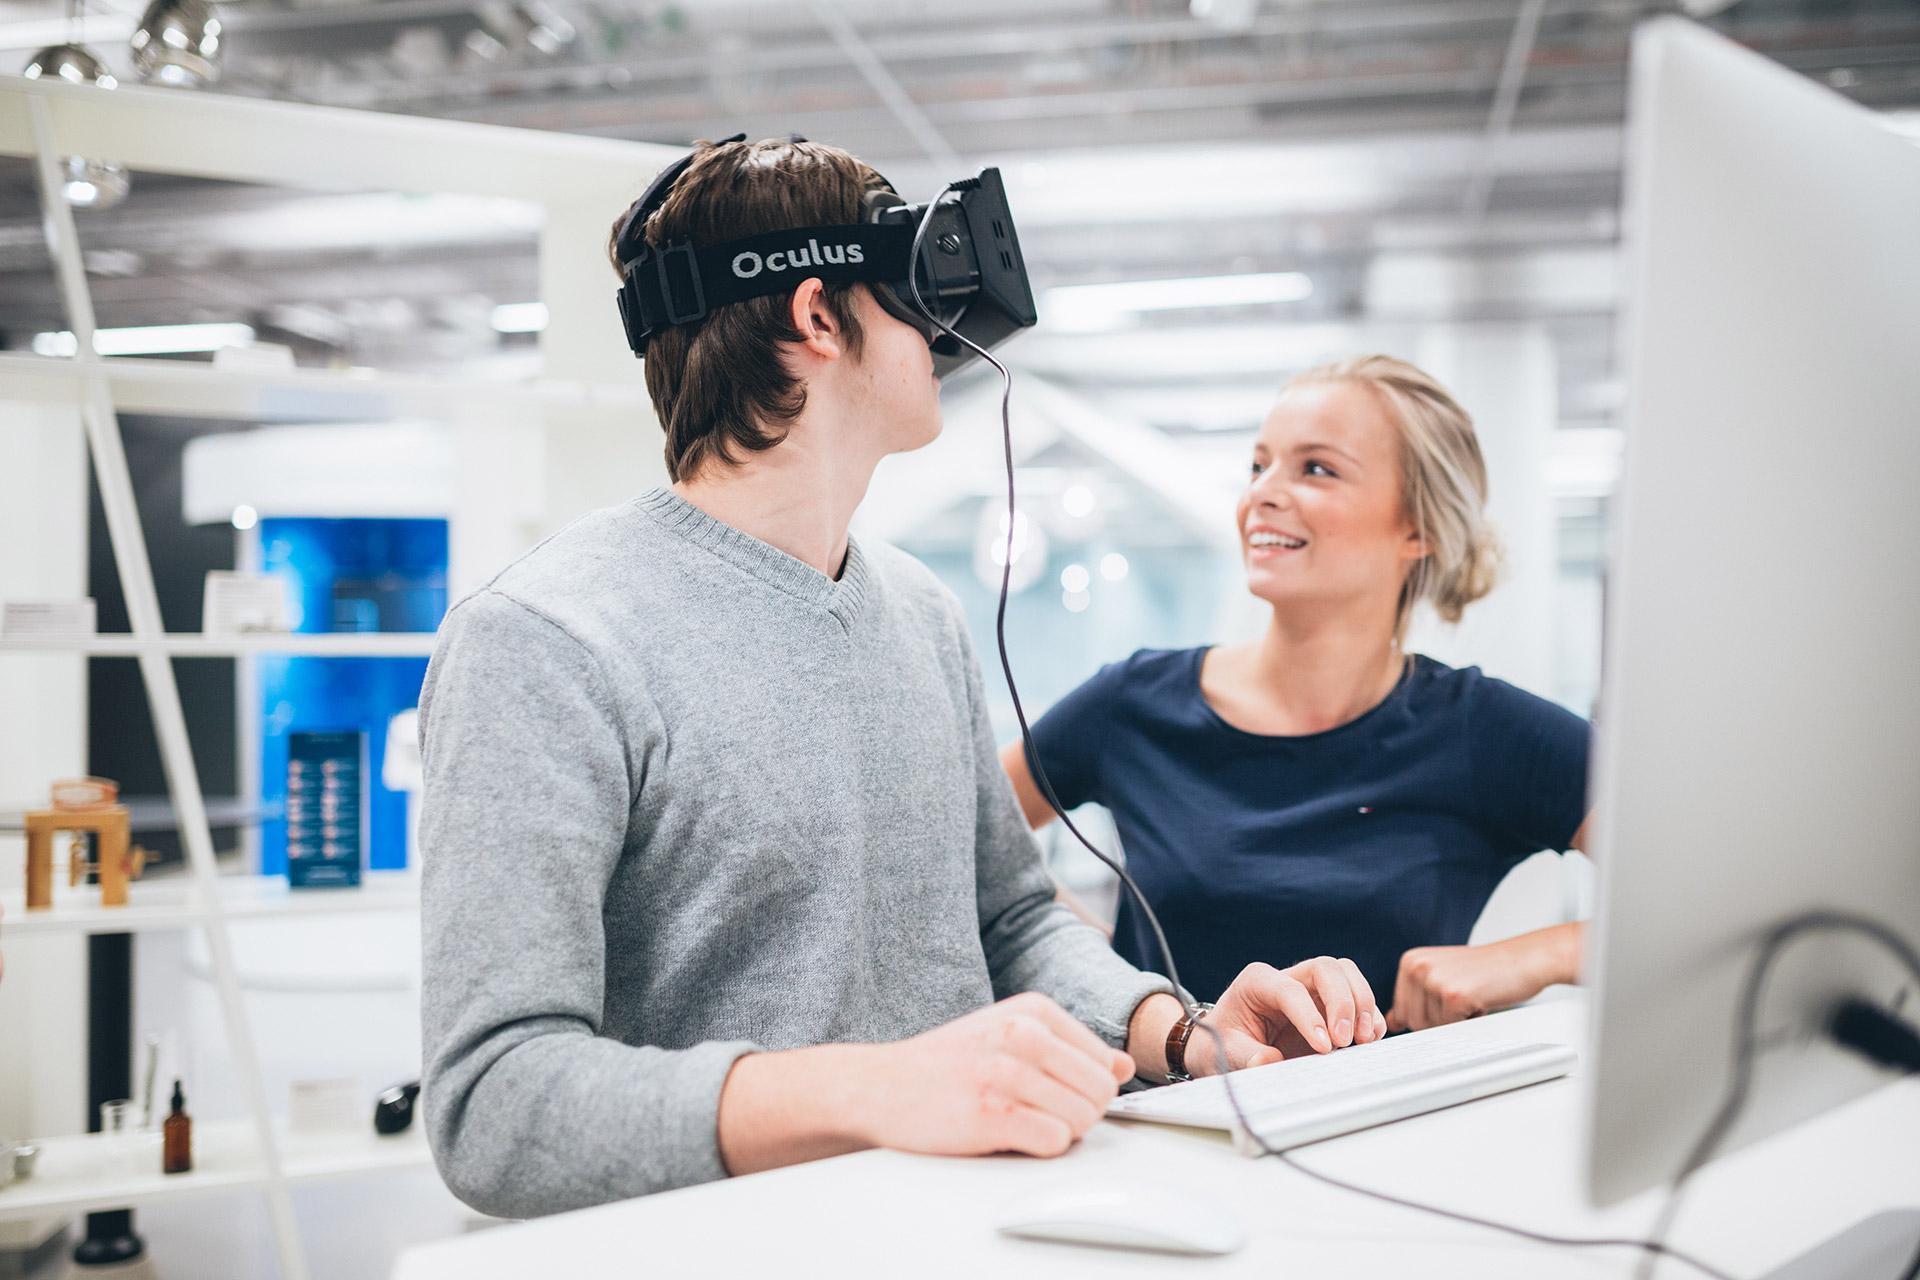 After School med VR och AR hos expectrum i Västerås. Fotograf: Af Adam